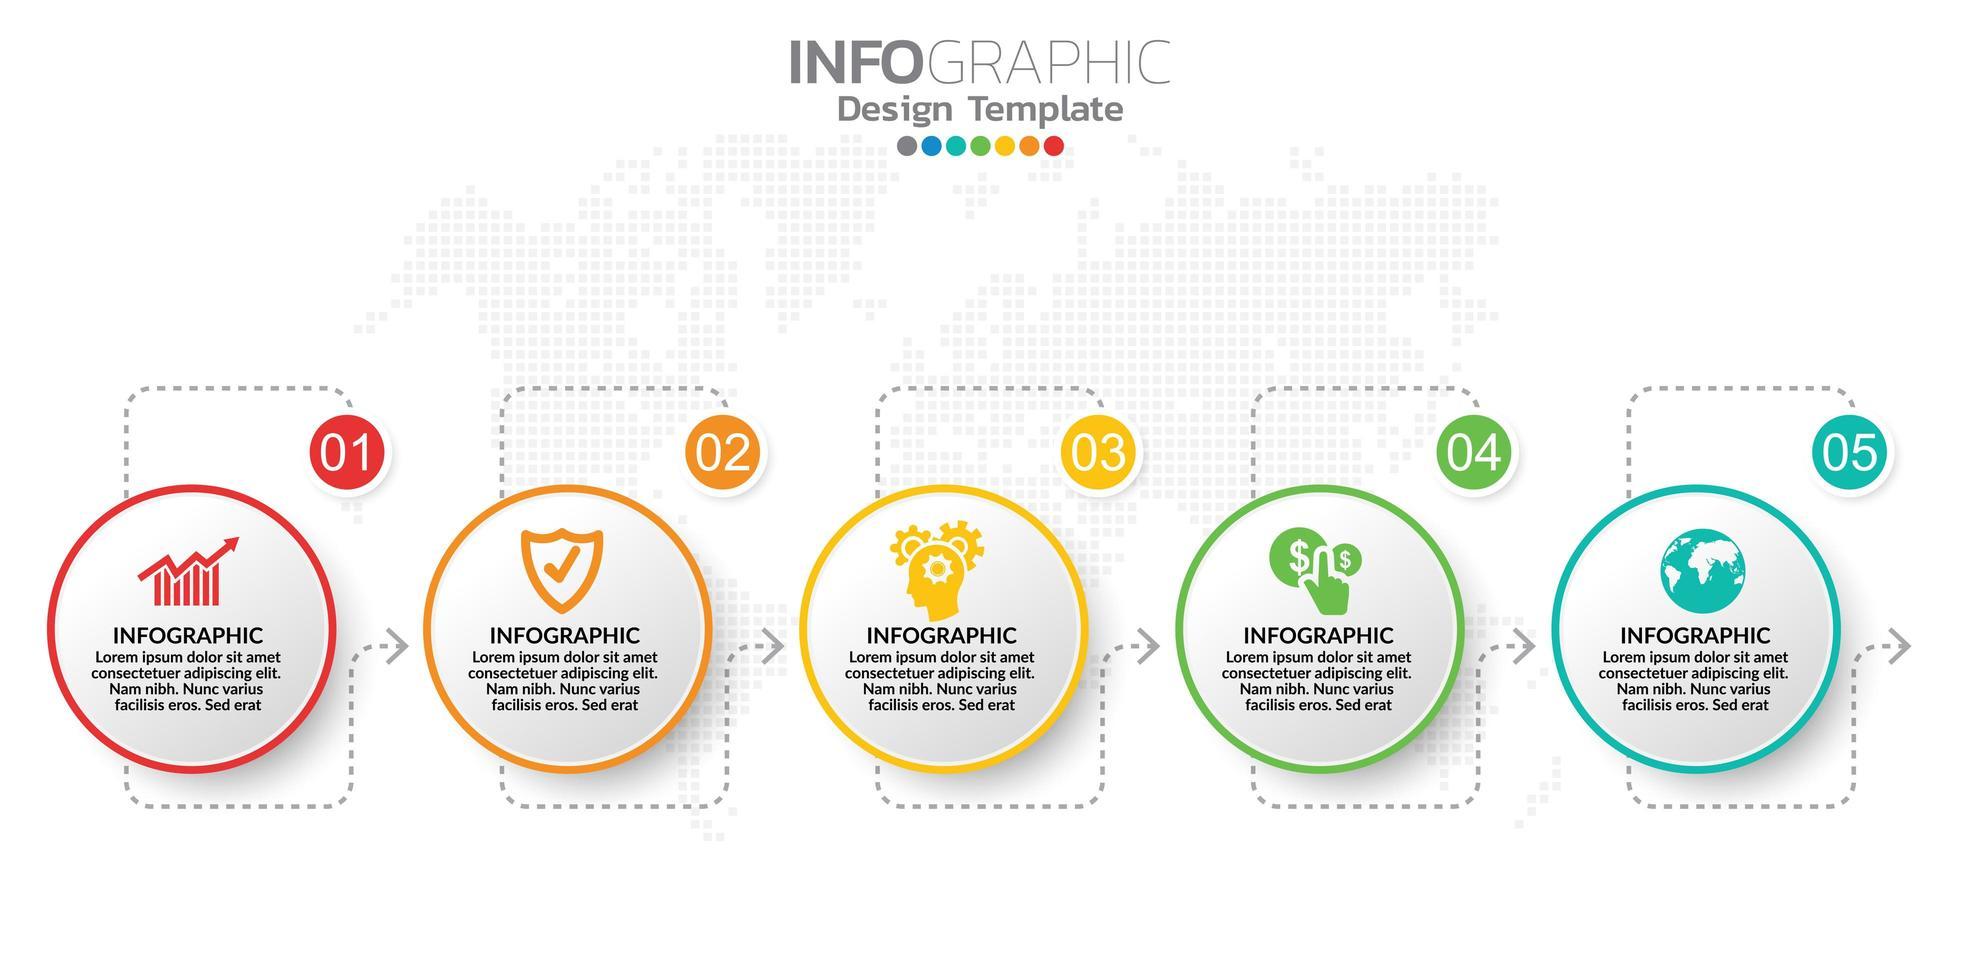 digital online marknadsföringsbanner med ikoner för affärsinnehåll. vektor